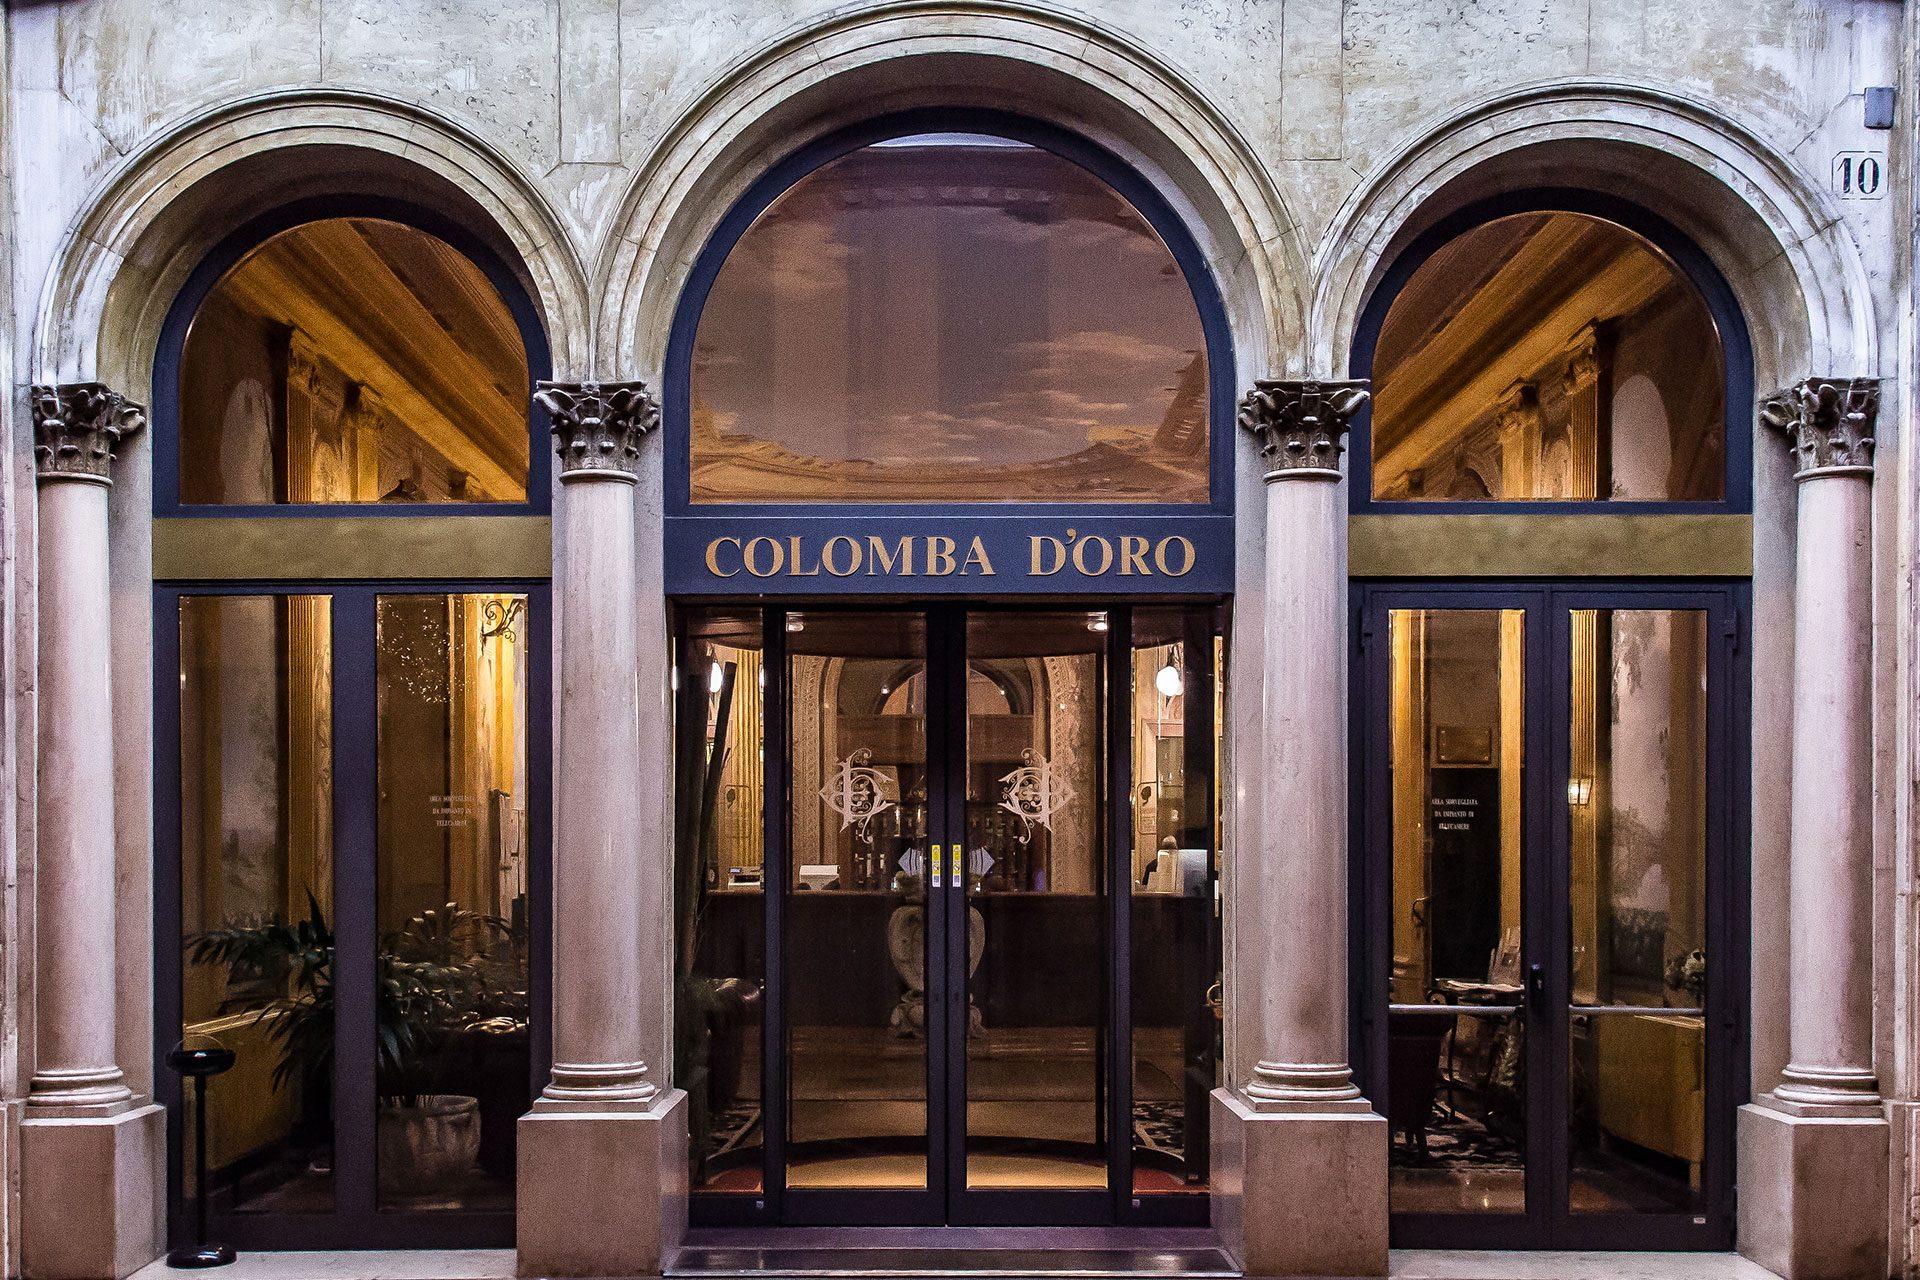 Entrata dell'Hotel Colomba d'Oro a Verona